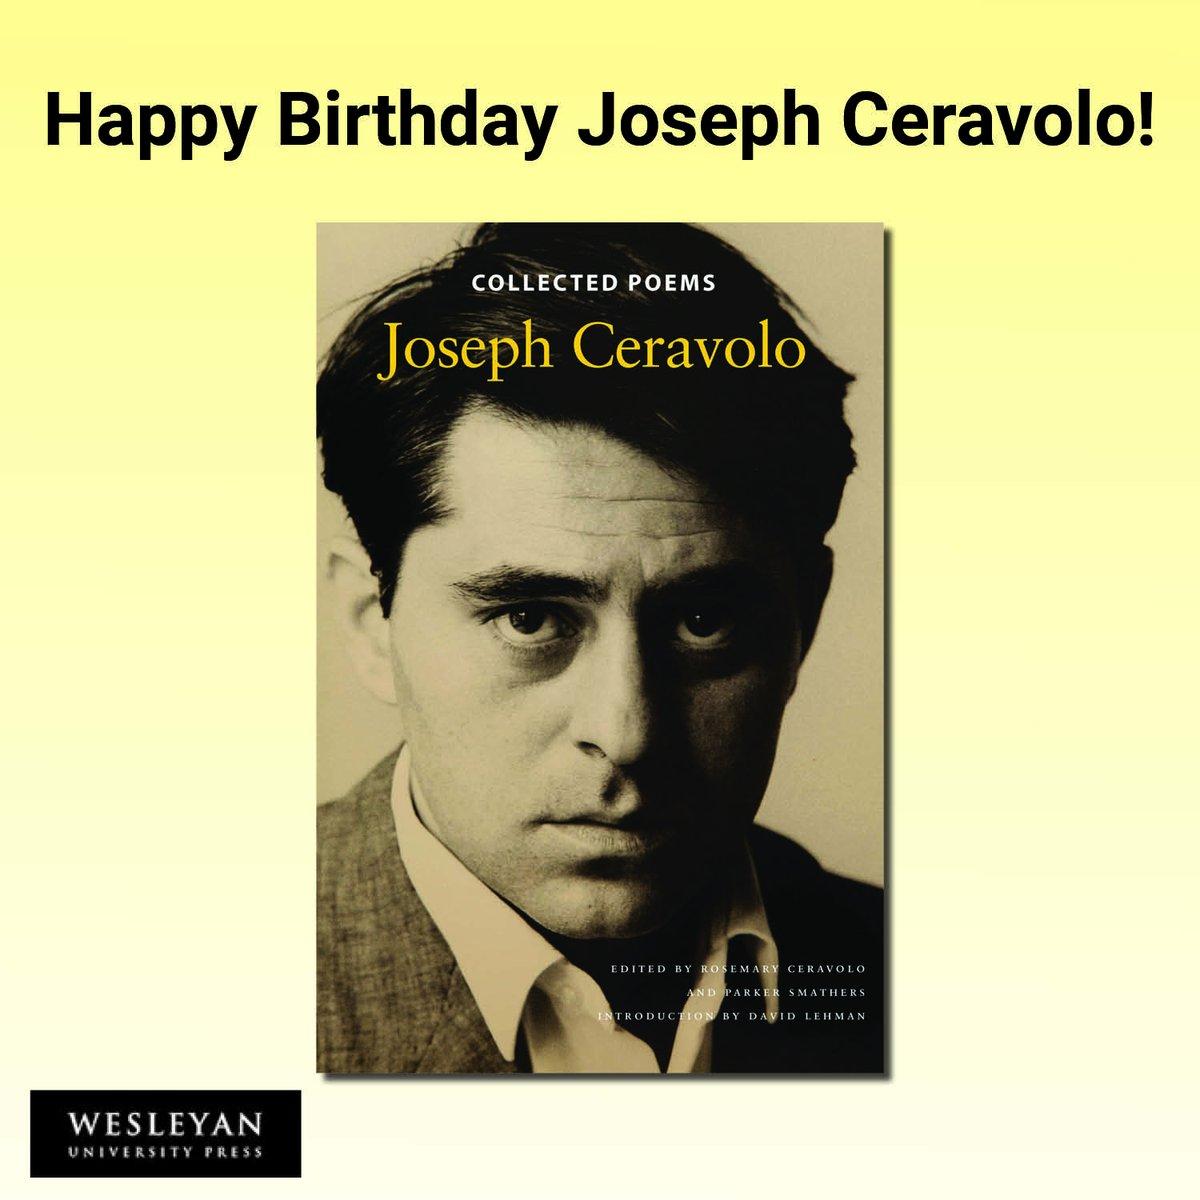 test Twitter Media - Happy Birthday Joseph Ceravolo! #PoetryMonth #JoeCeravolo #NewYorkSchool #KennethKoch #NewJersey #Queens #AmericanPoetry #TwentiethCenturyPoetry https://t.co/BqzRhJf5LE https://t.co/TPZ48WsdbT